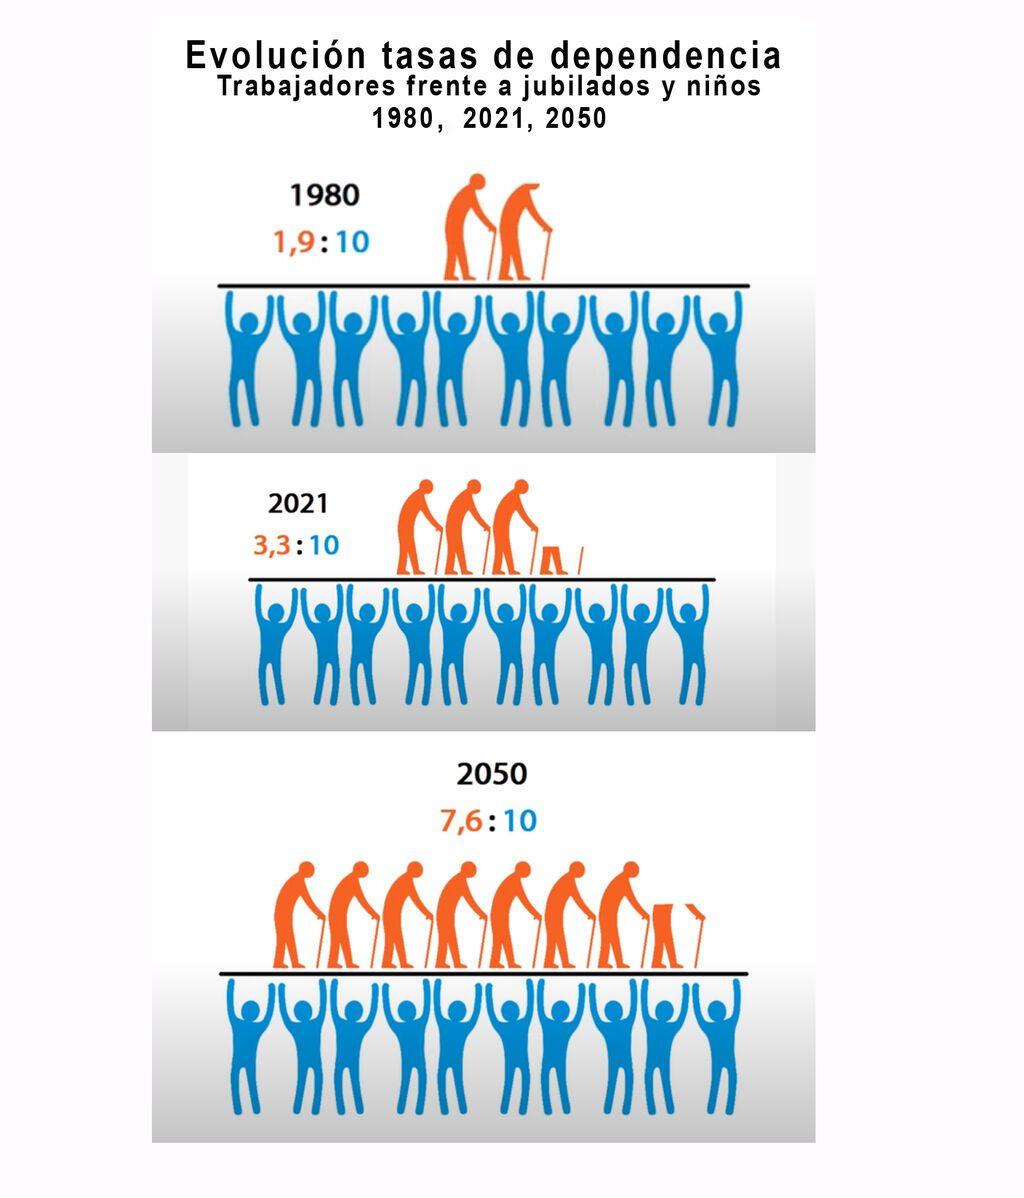 evolución tasas dependencia